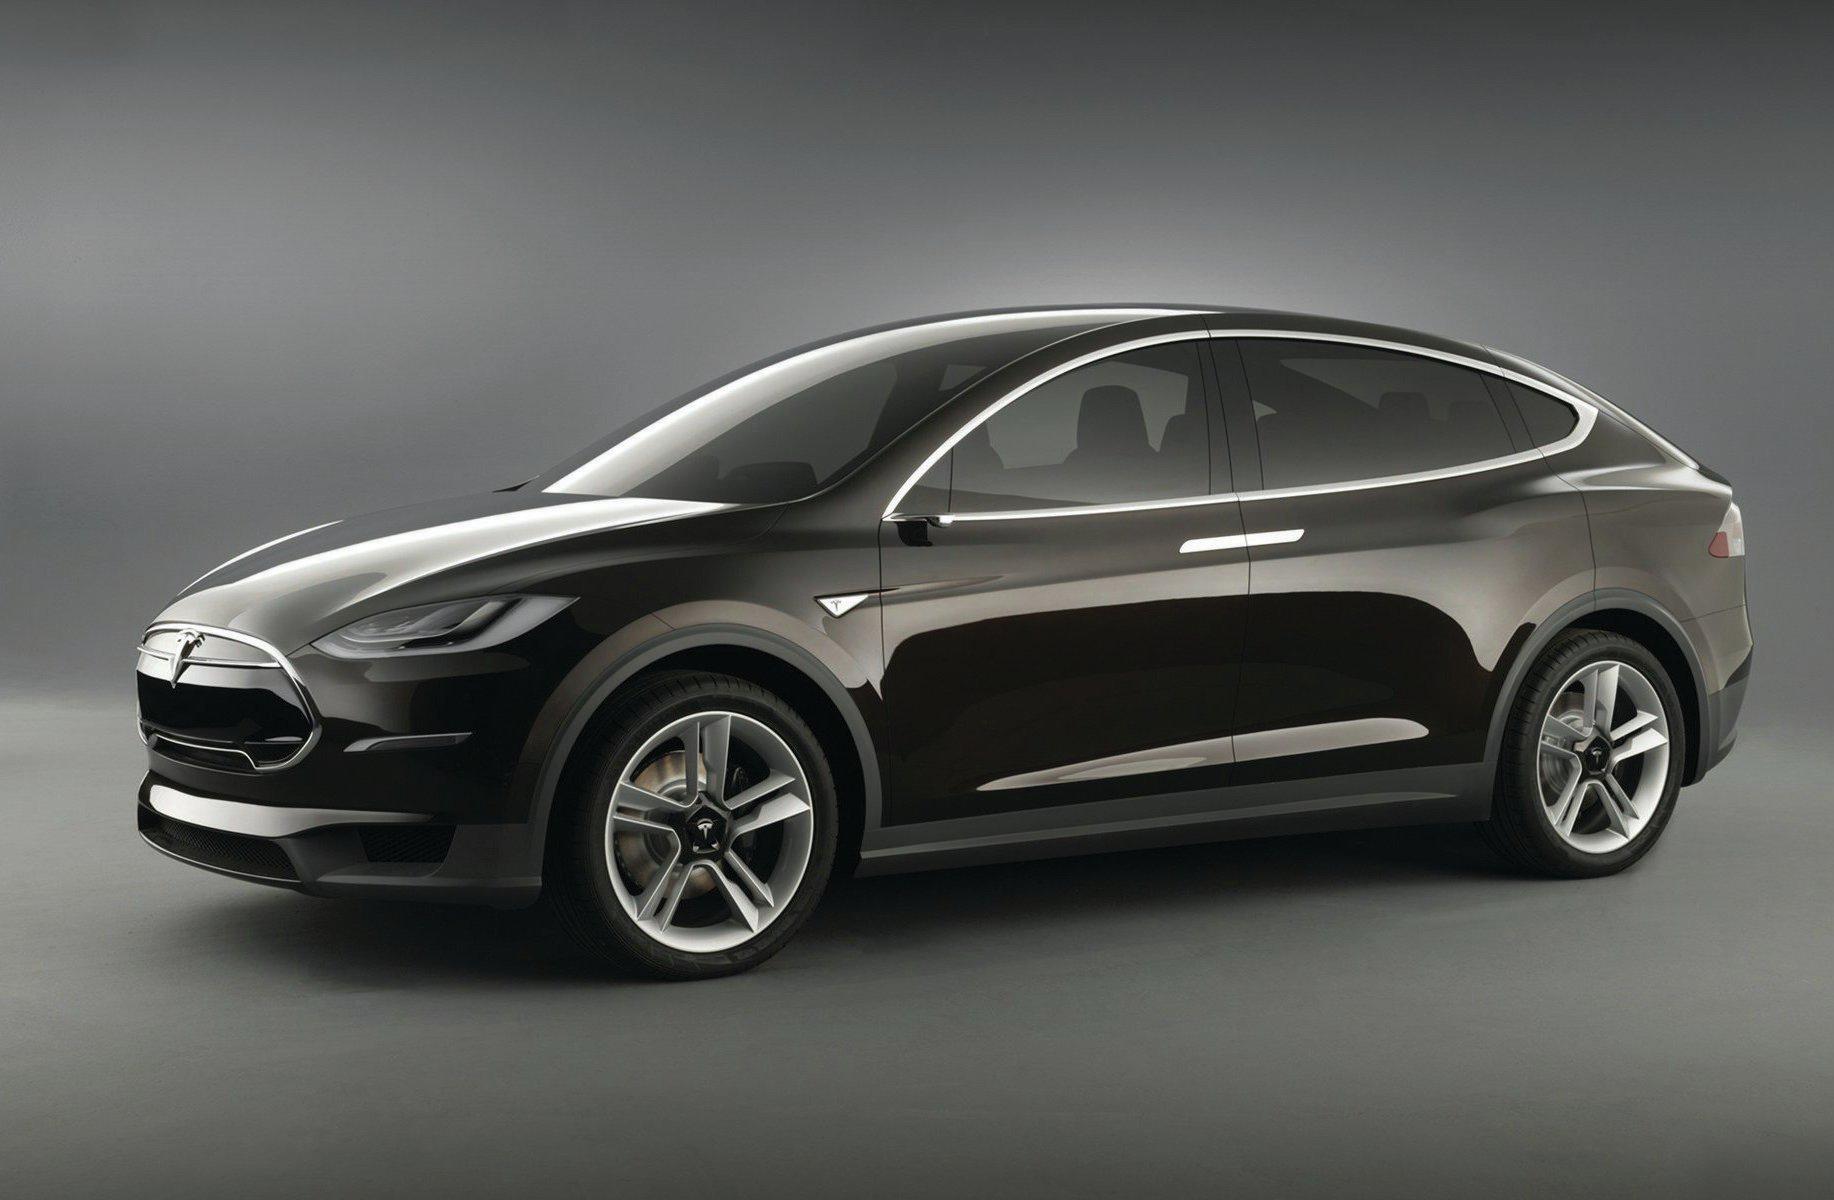 Tesla Model X Concept Front Three Quarter